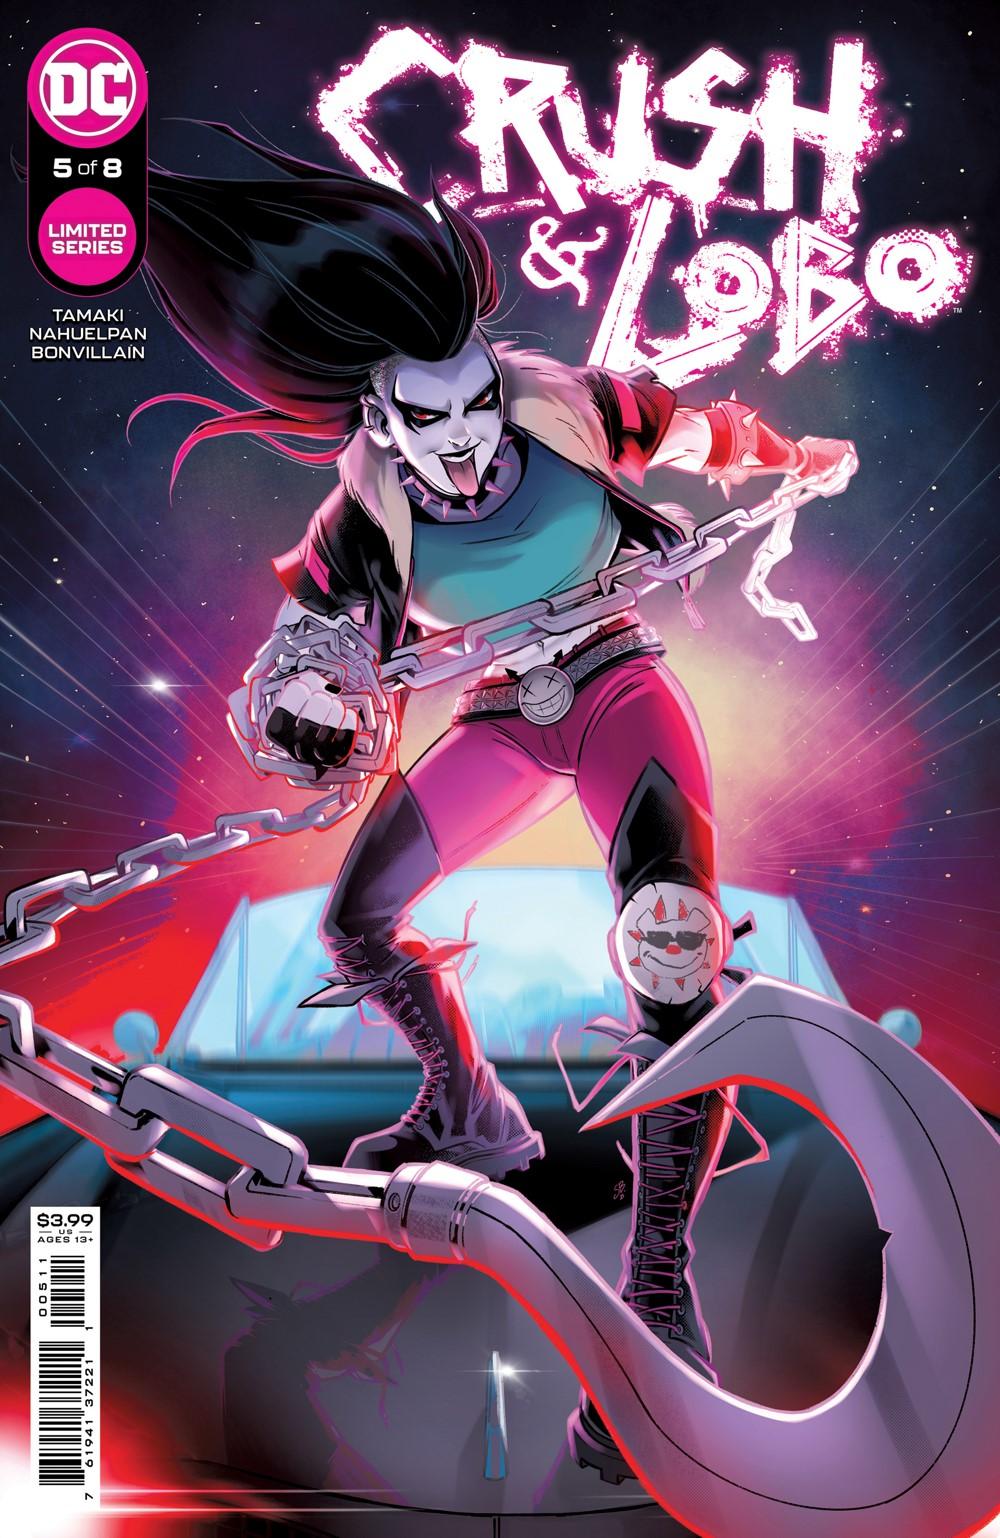 CandL_Cv5_00511 DC Comics October 2021 Solicitations